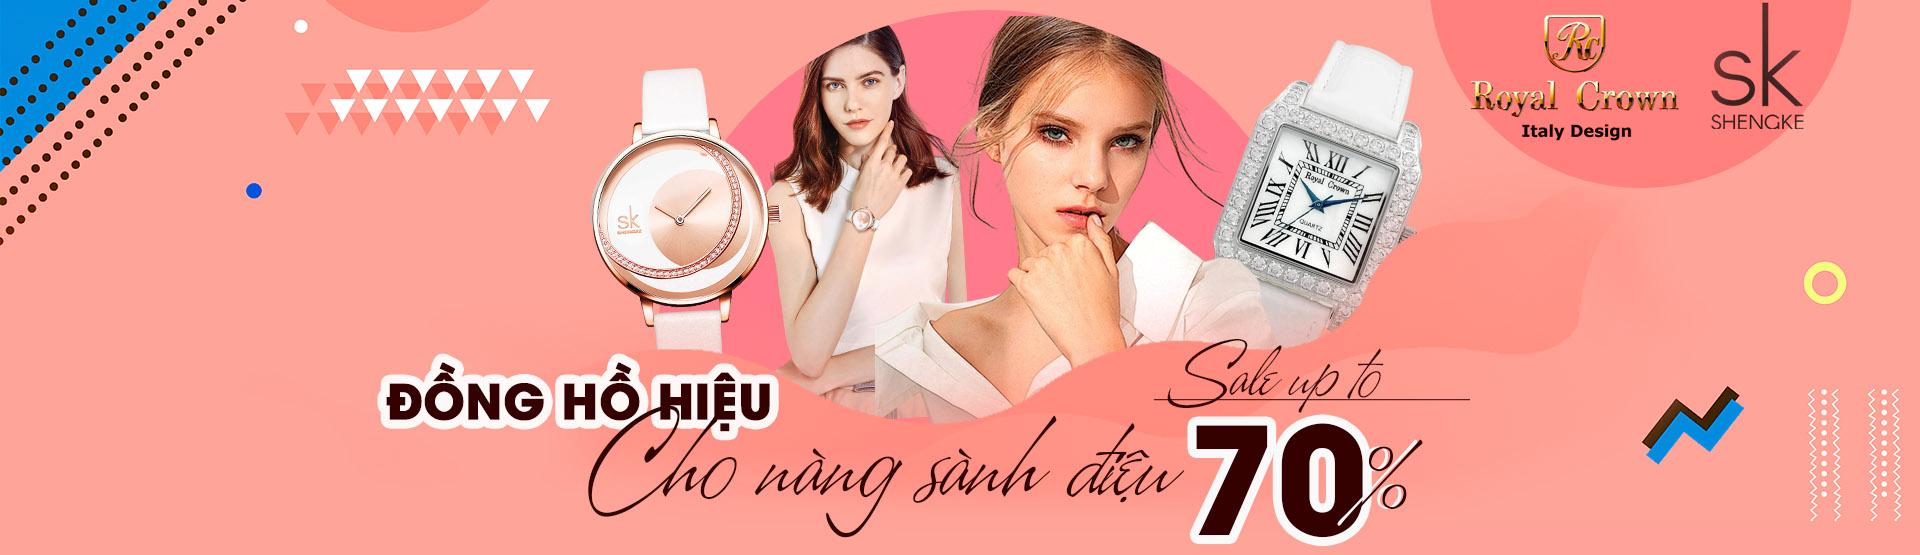 Đồng hồ hiệu - Cho nàng sành điệu GIẢM ĐẾN 70%